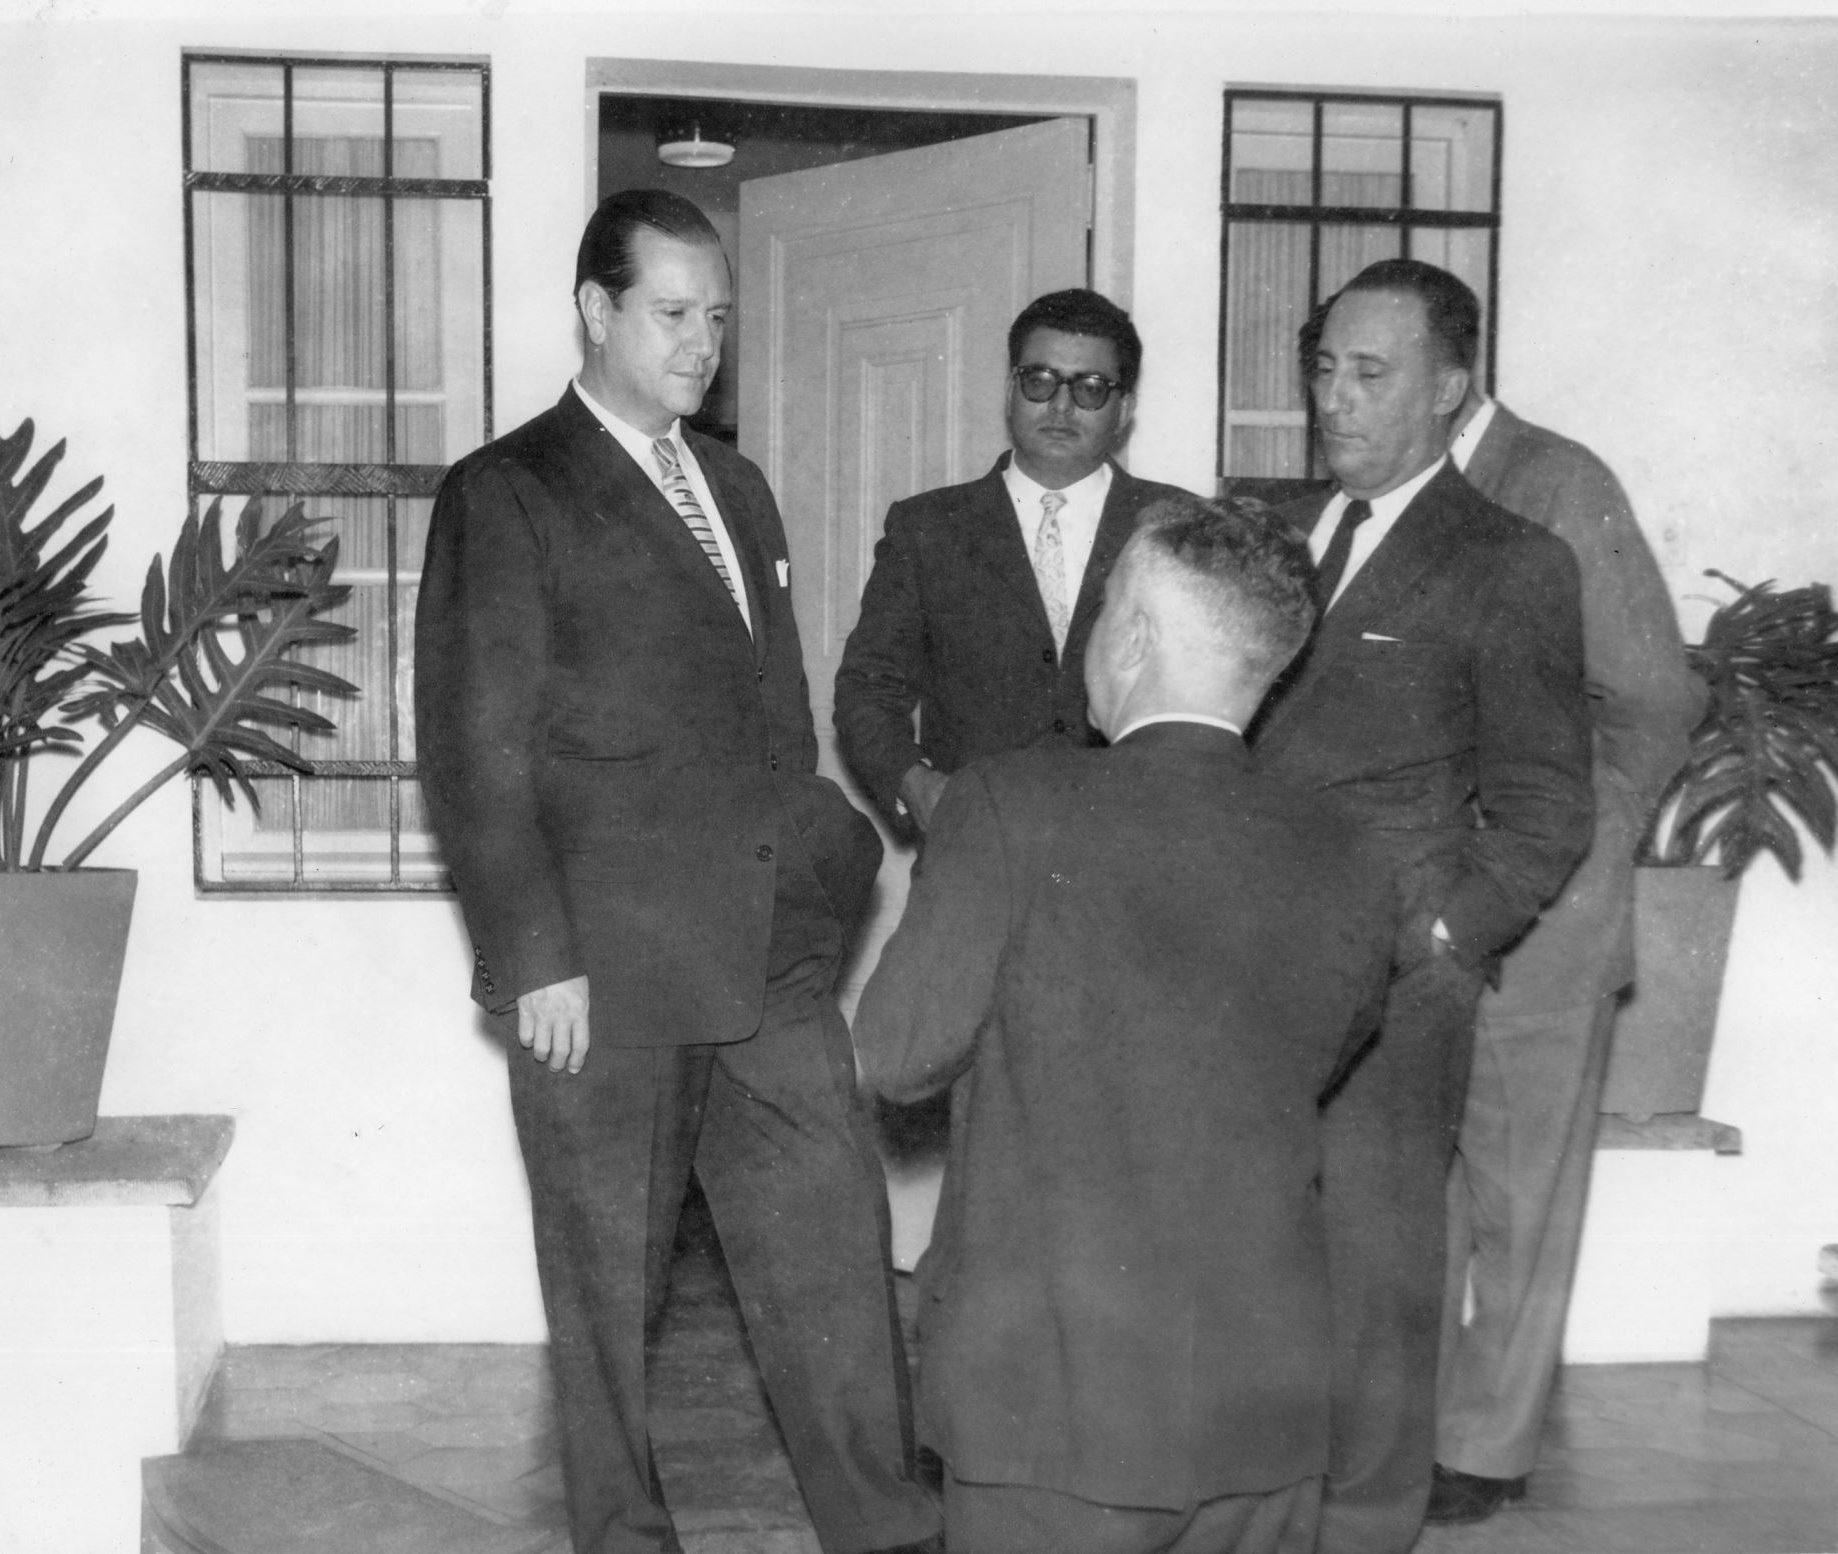 1959. Enero, 24. Conversando en la entrada de su casa Puntofijo, en su 43 aniversario.